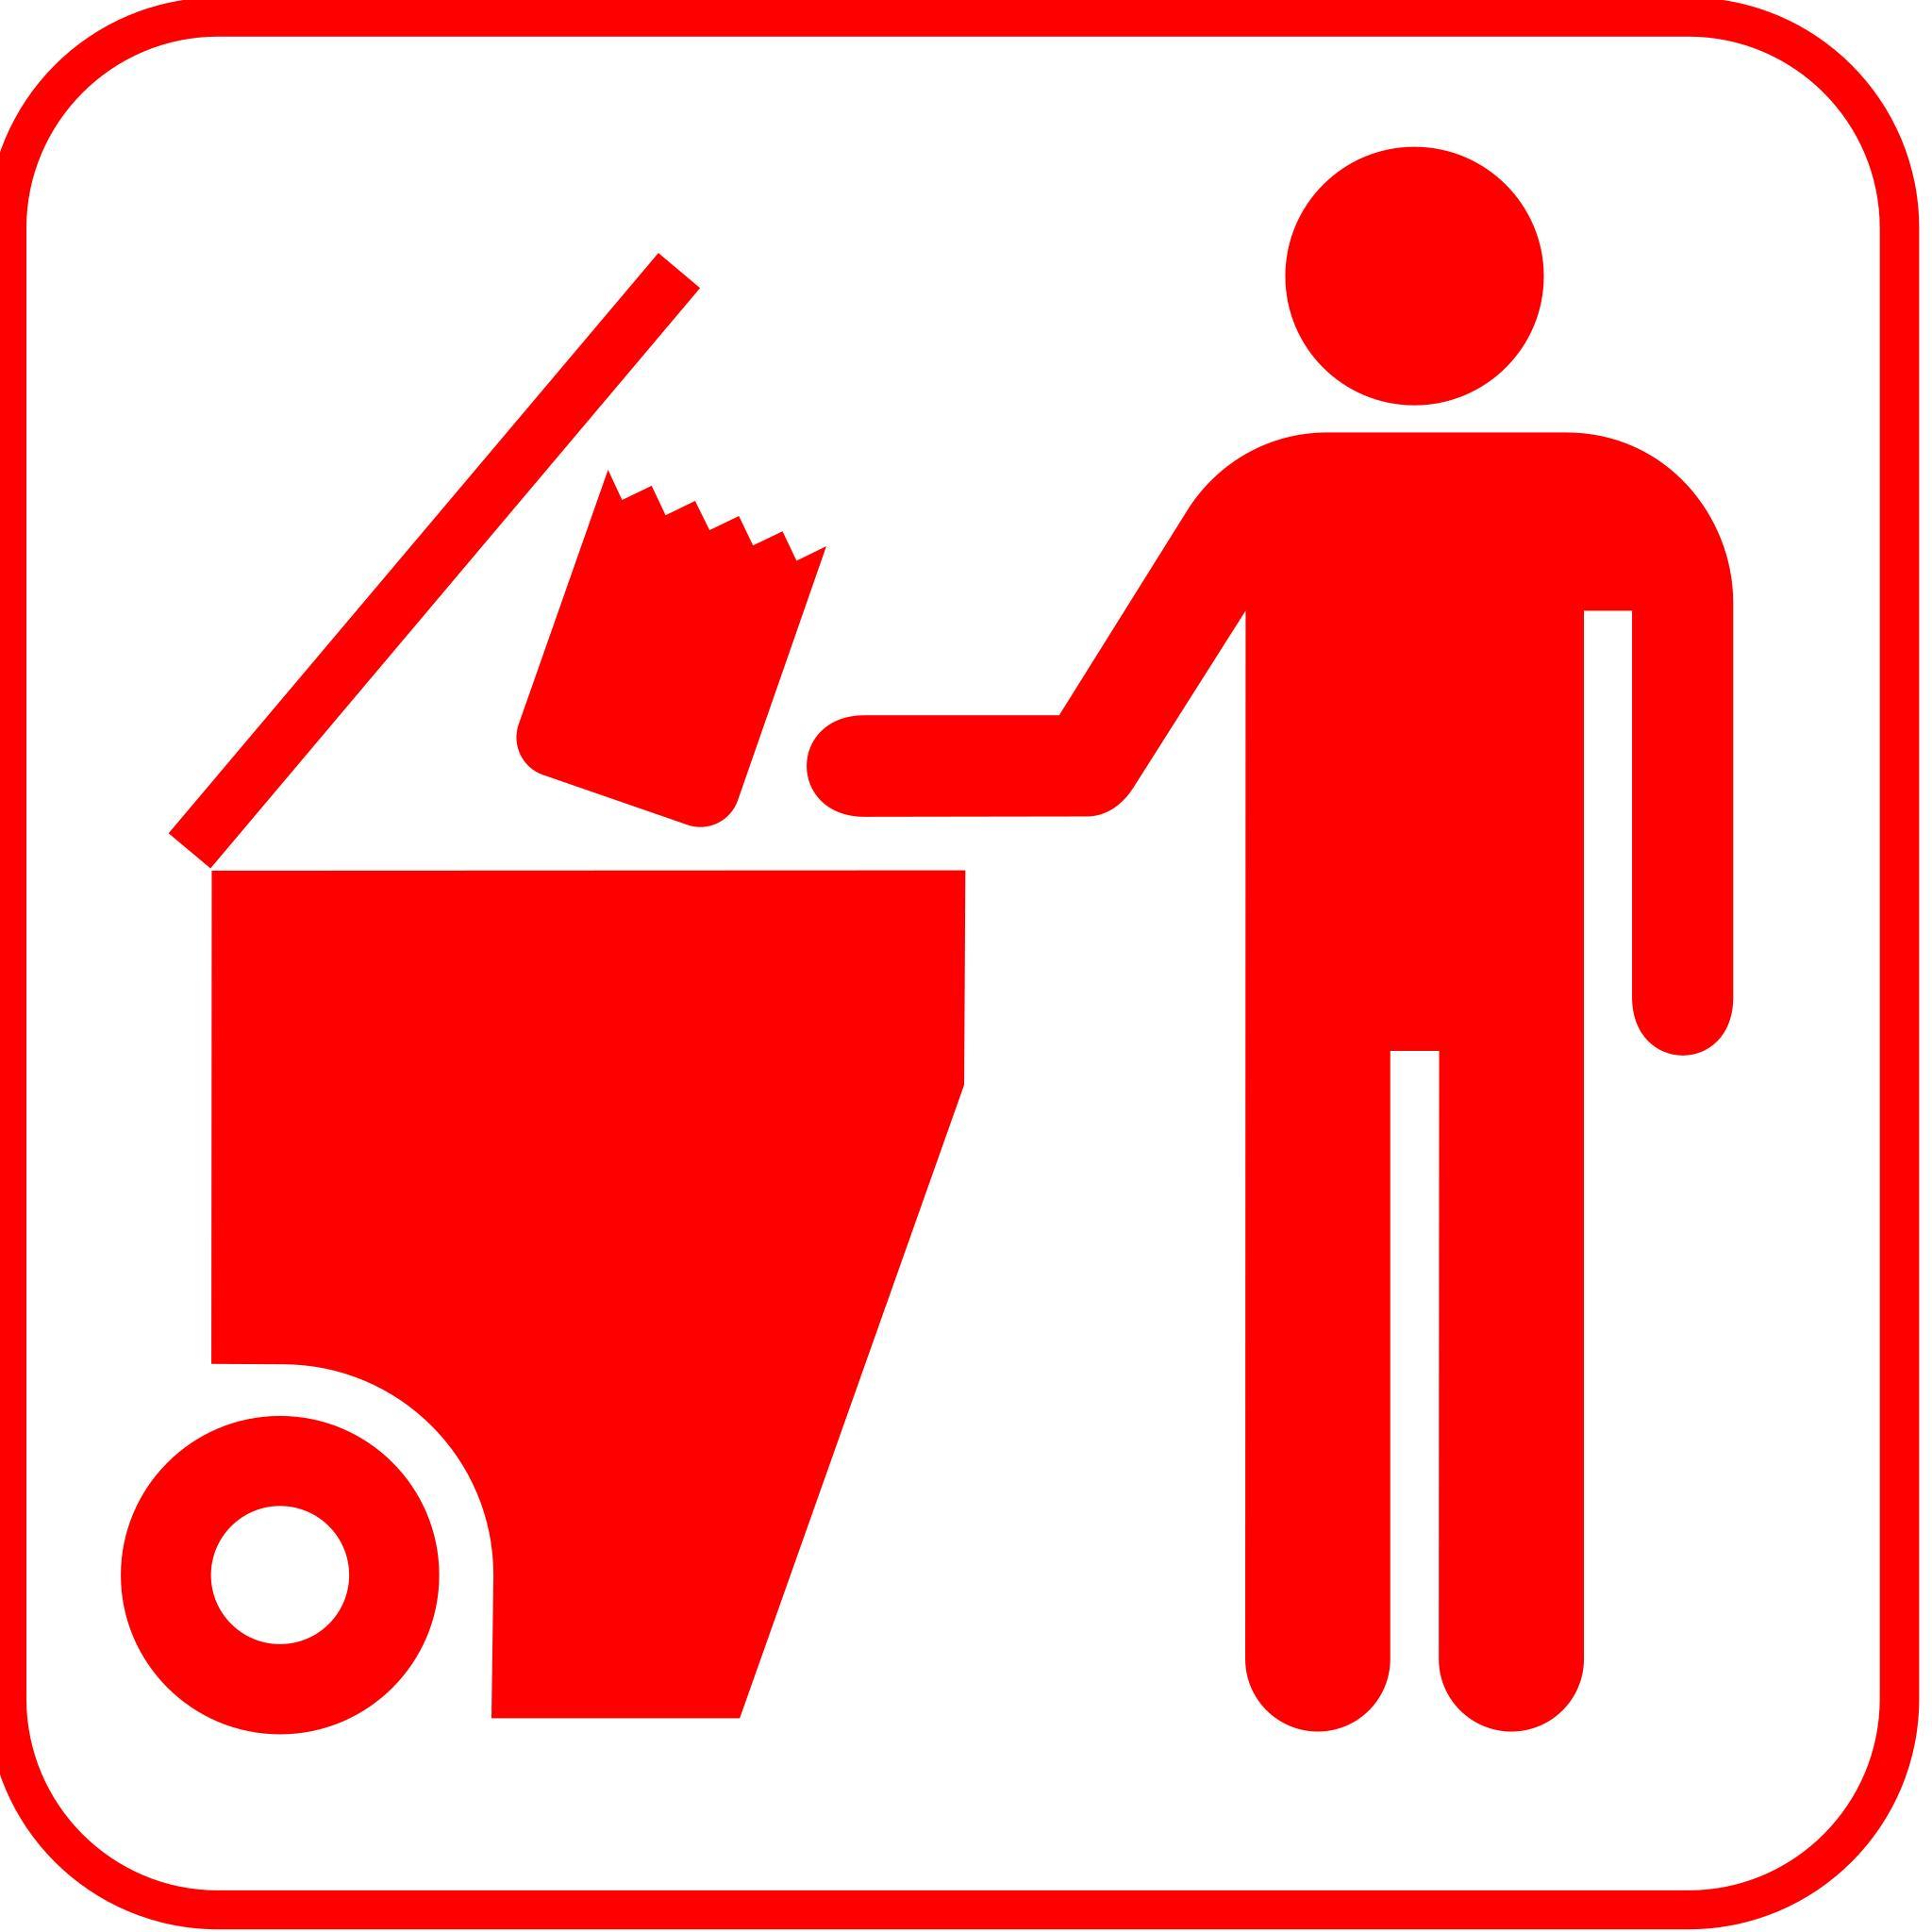 зависимости картинки значка мусора организации